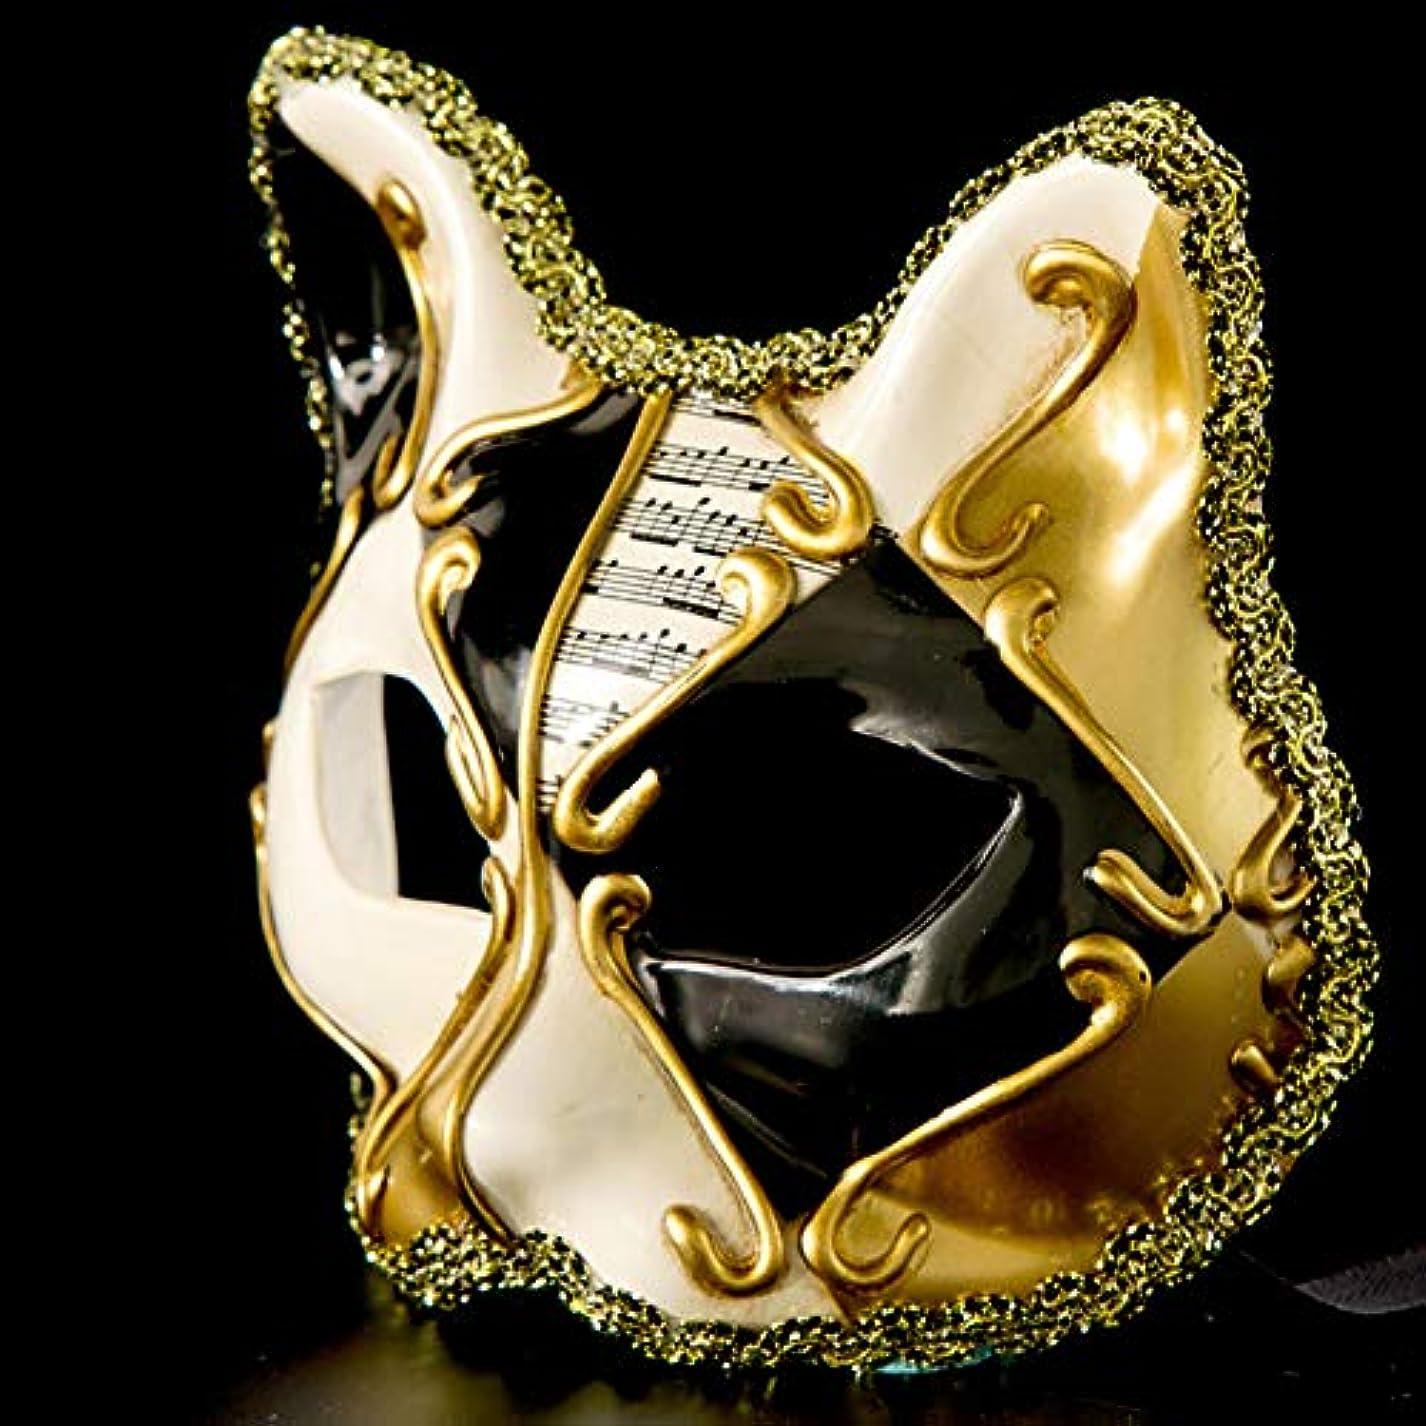 負荷暖かく容疑者マスクベネチアン子猫マスク子供仮装ボールパーティー,イエロー